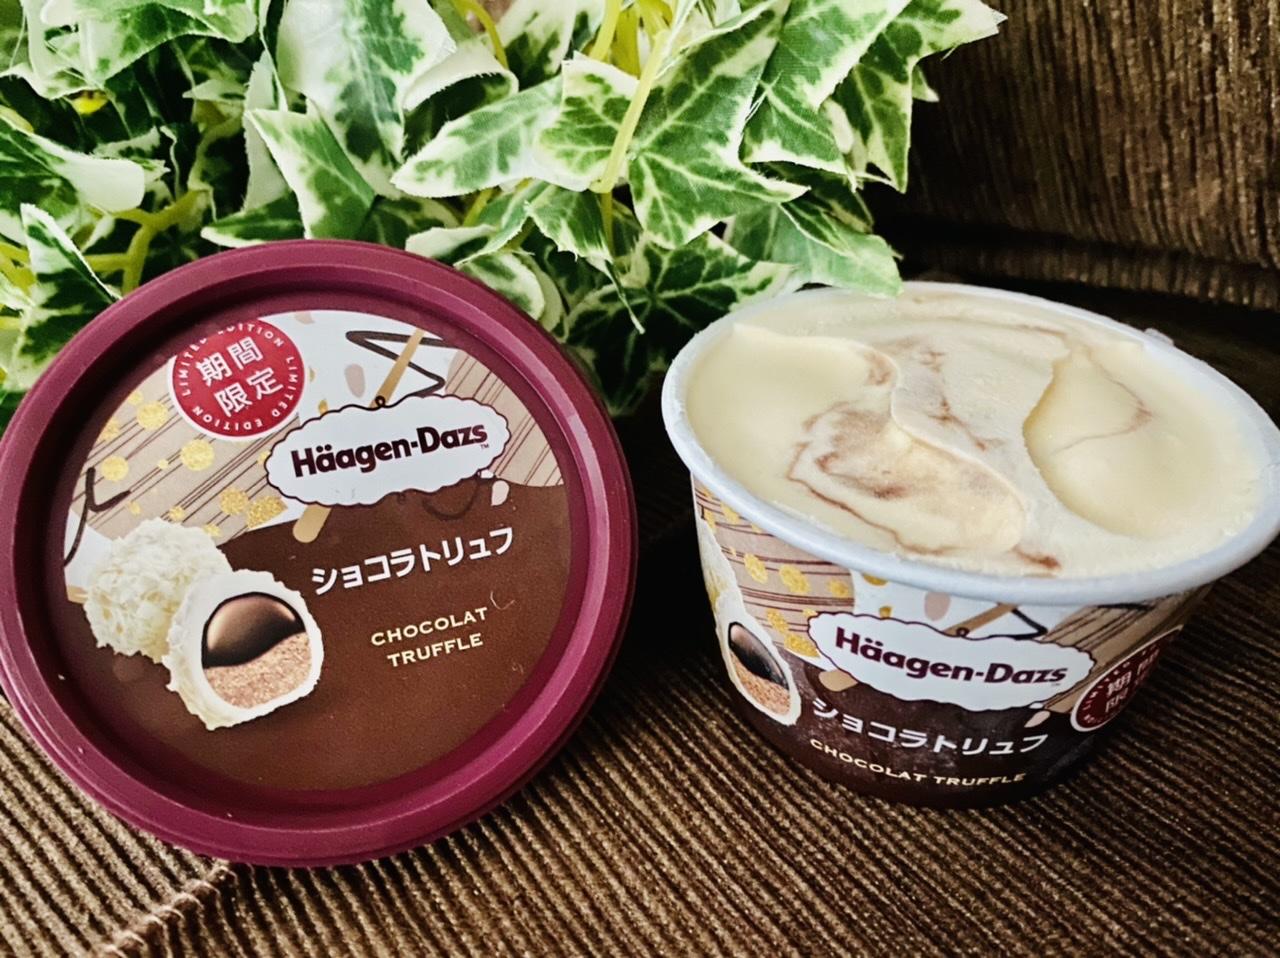 【ハーゲンダッツ】超豪華!3種類のチョコレートが味わえる《ショコラトリュフ》が美味♡_1